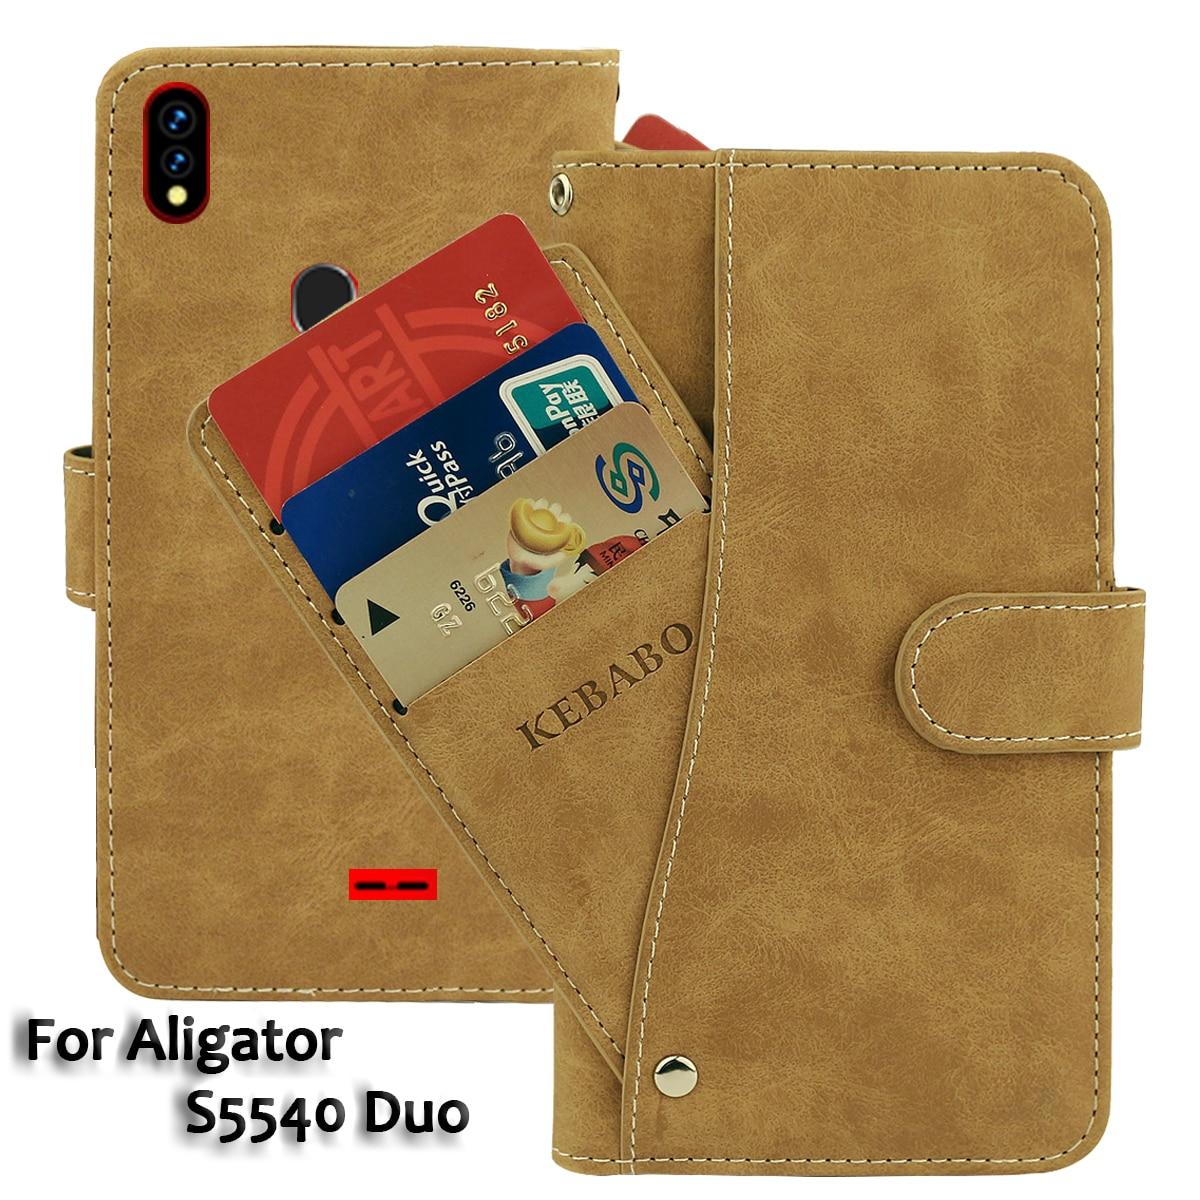 """Couro carteira alinhador s5540 duo caso 5.5 """"flip moda luxo frente slots de cartão casos capa negócios magnético telefone sacos"""